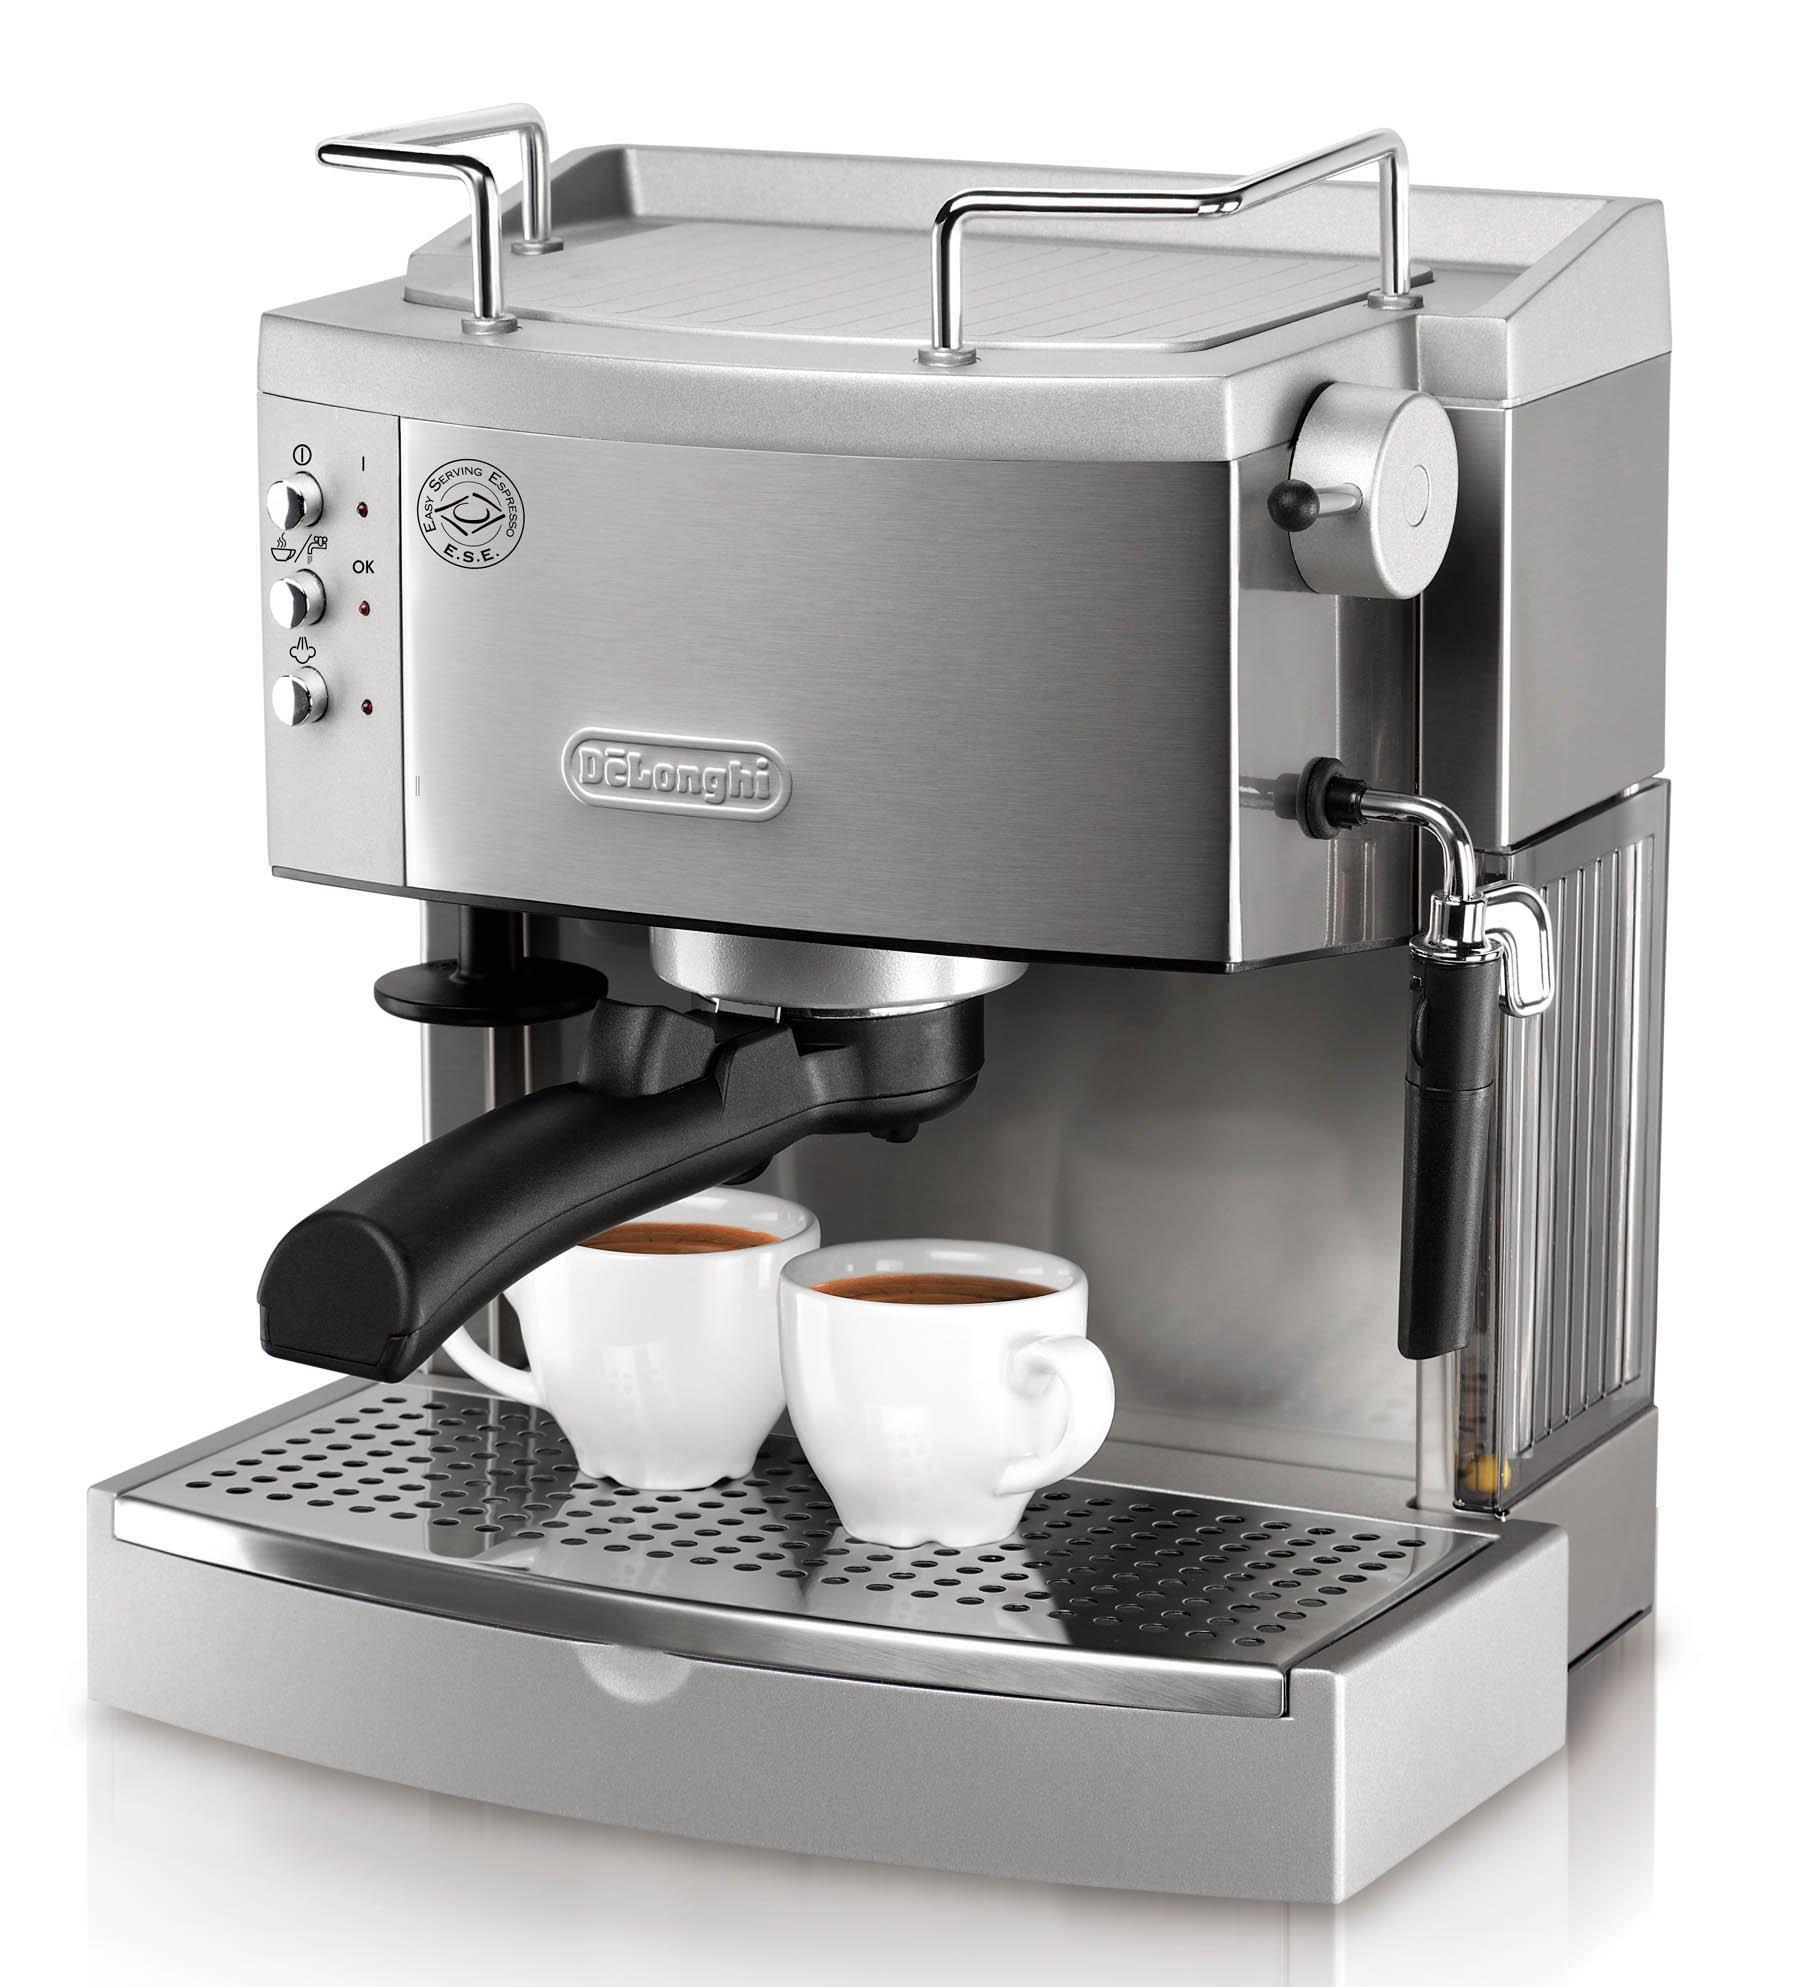 DeLonghi EC702 15-Bar-Pump Espresso Maker, Stainless by DeLonghi